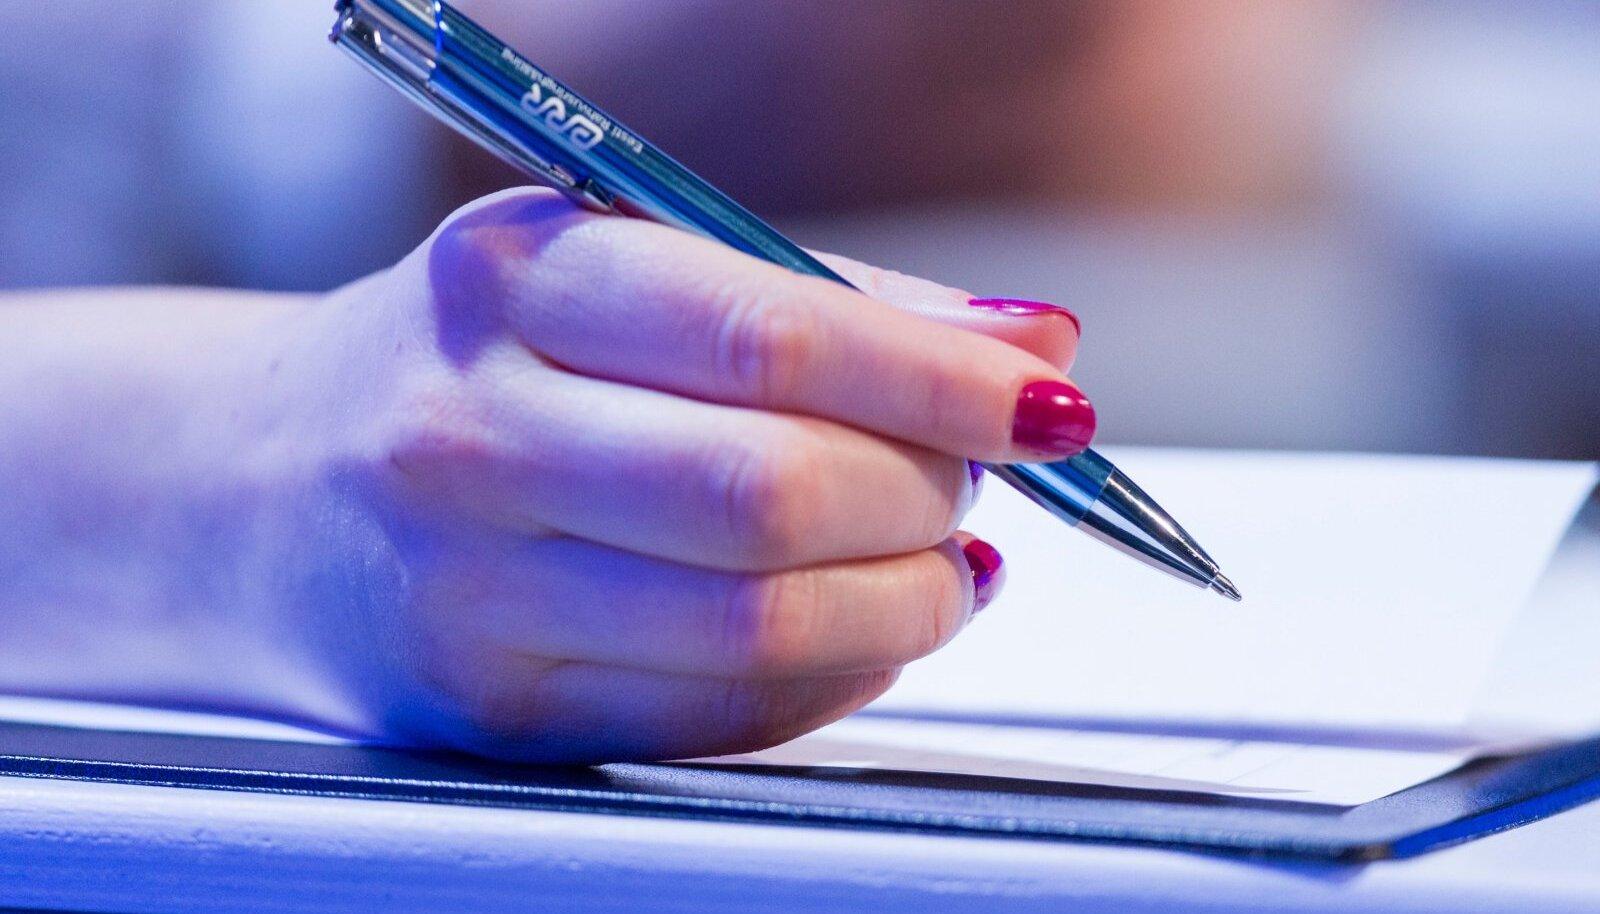 Stipendiumile võivad kandideerida nii tegev- kui ka vabakutselised ajakirjanikud hoolimata tööandjast, aga ka erinevate valdkondade eksperdid. Ajakirjanduslikes käsitlustes on oodatud erinevate meediumite kasutamine ja nende omavaheline põimimine.